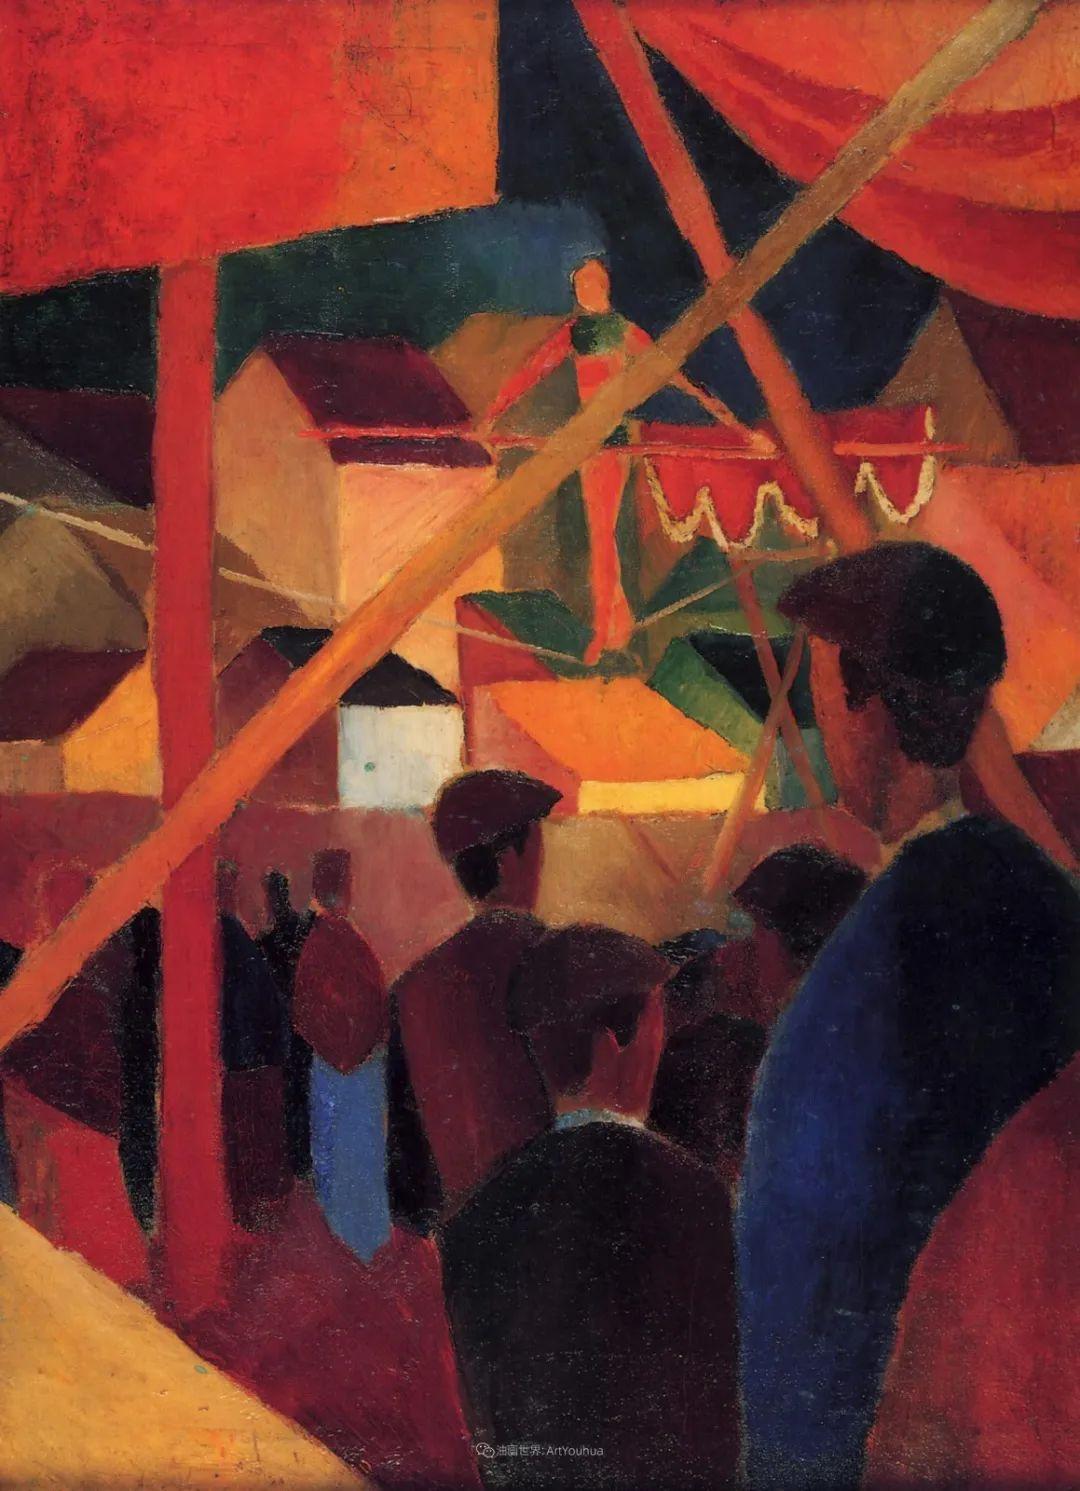 画面色彩的力量,德国表现主义画家奥古斯特·马克插图85